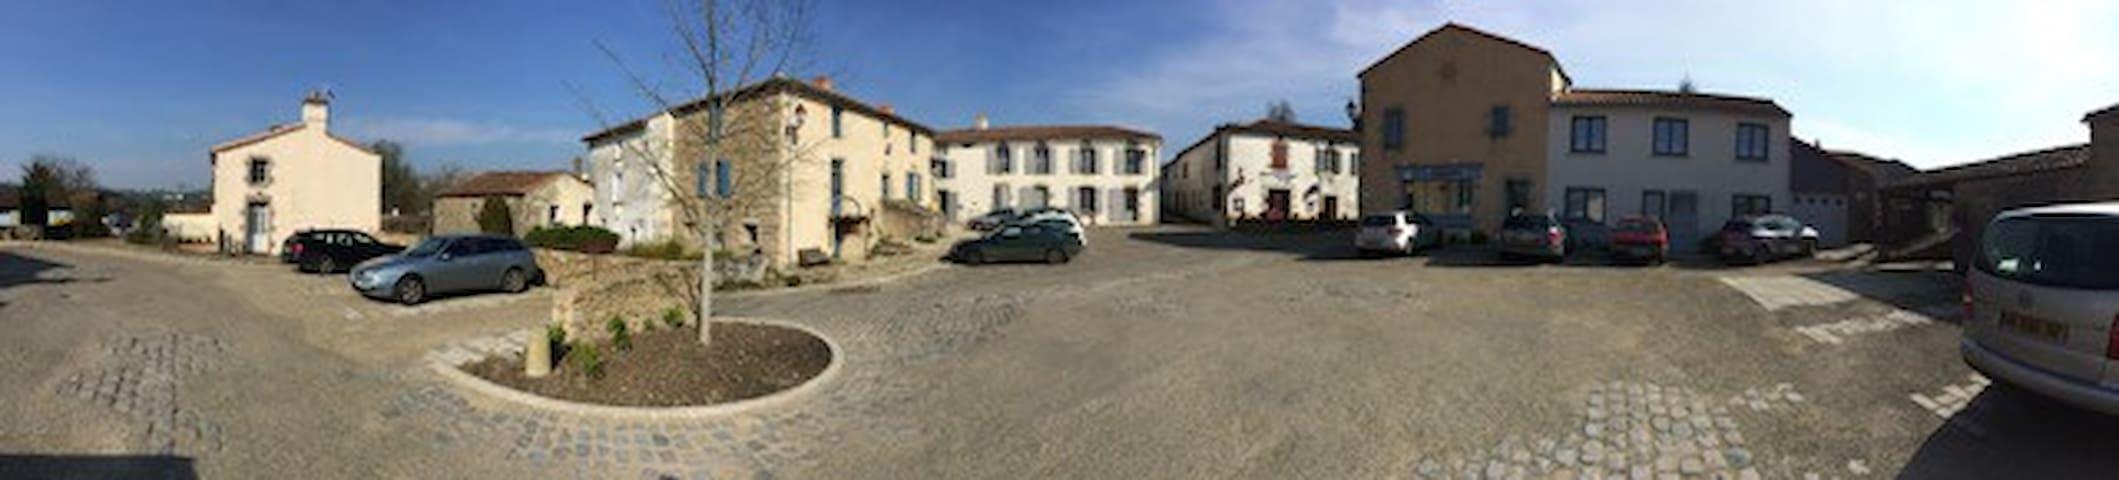 Gite à 10 mn du Puy du Fou - Mallièvre - Maison